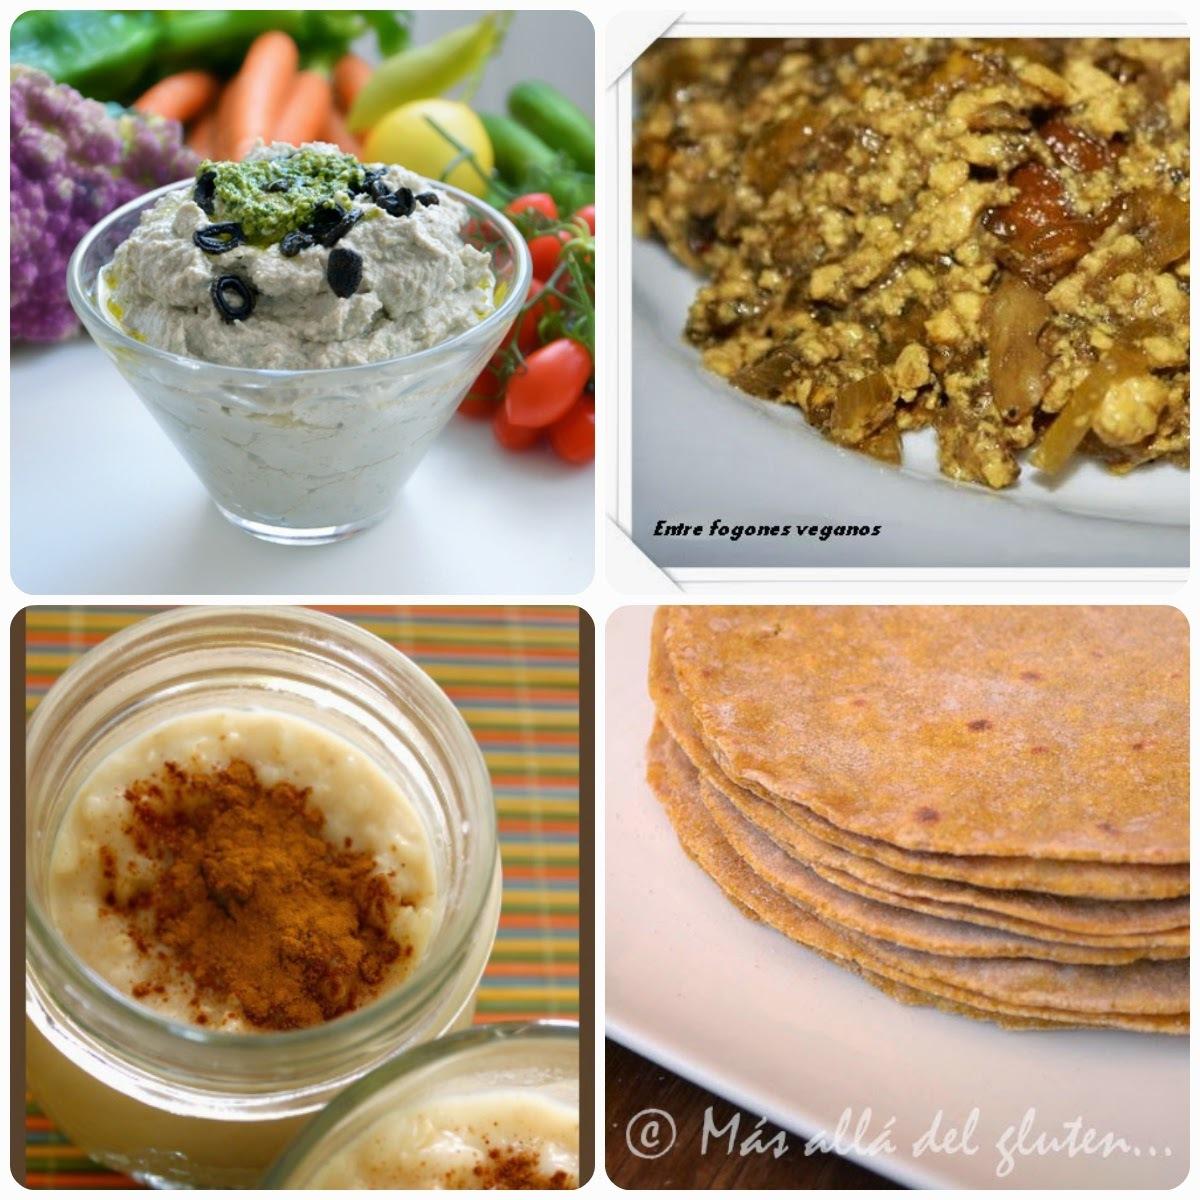 17 Menú vegetariano con recetas de otros blogs